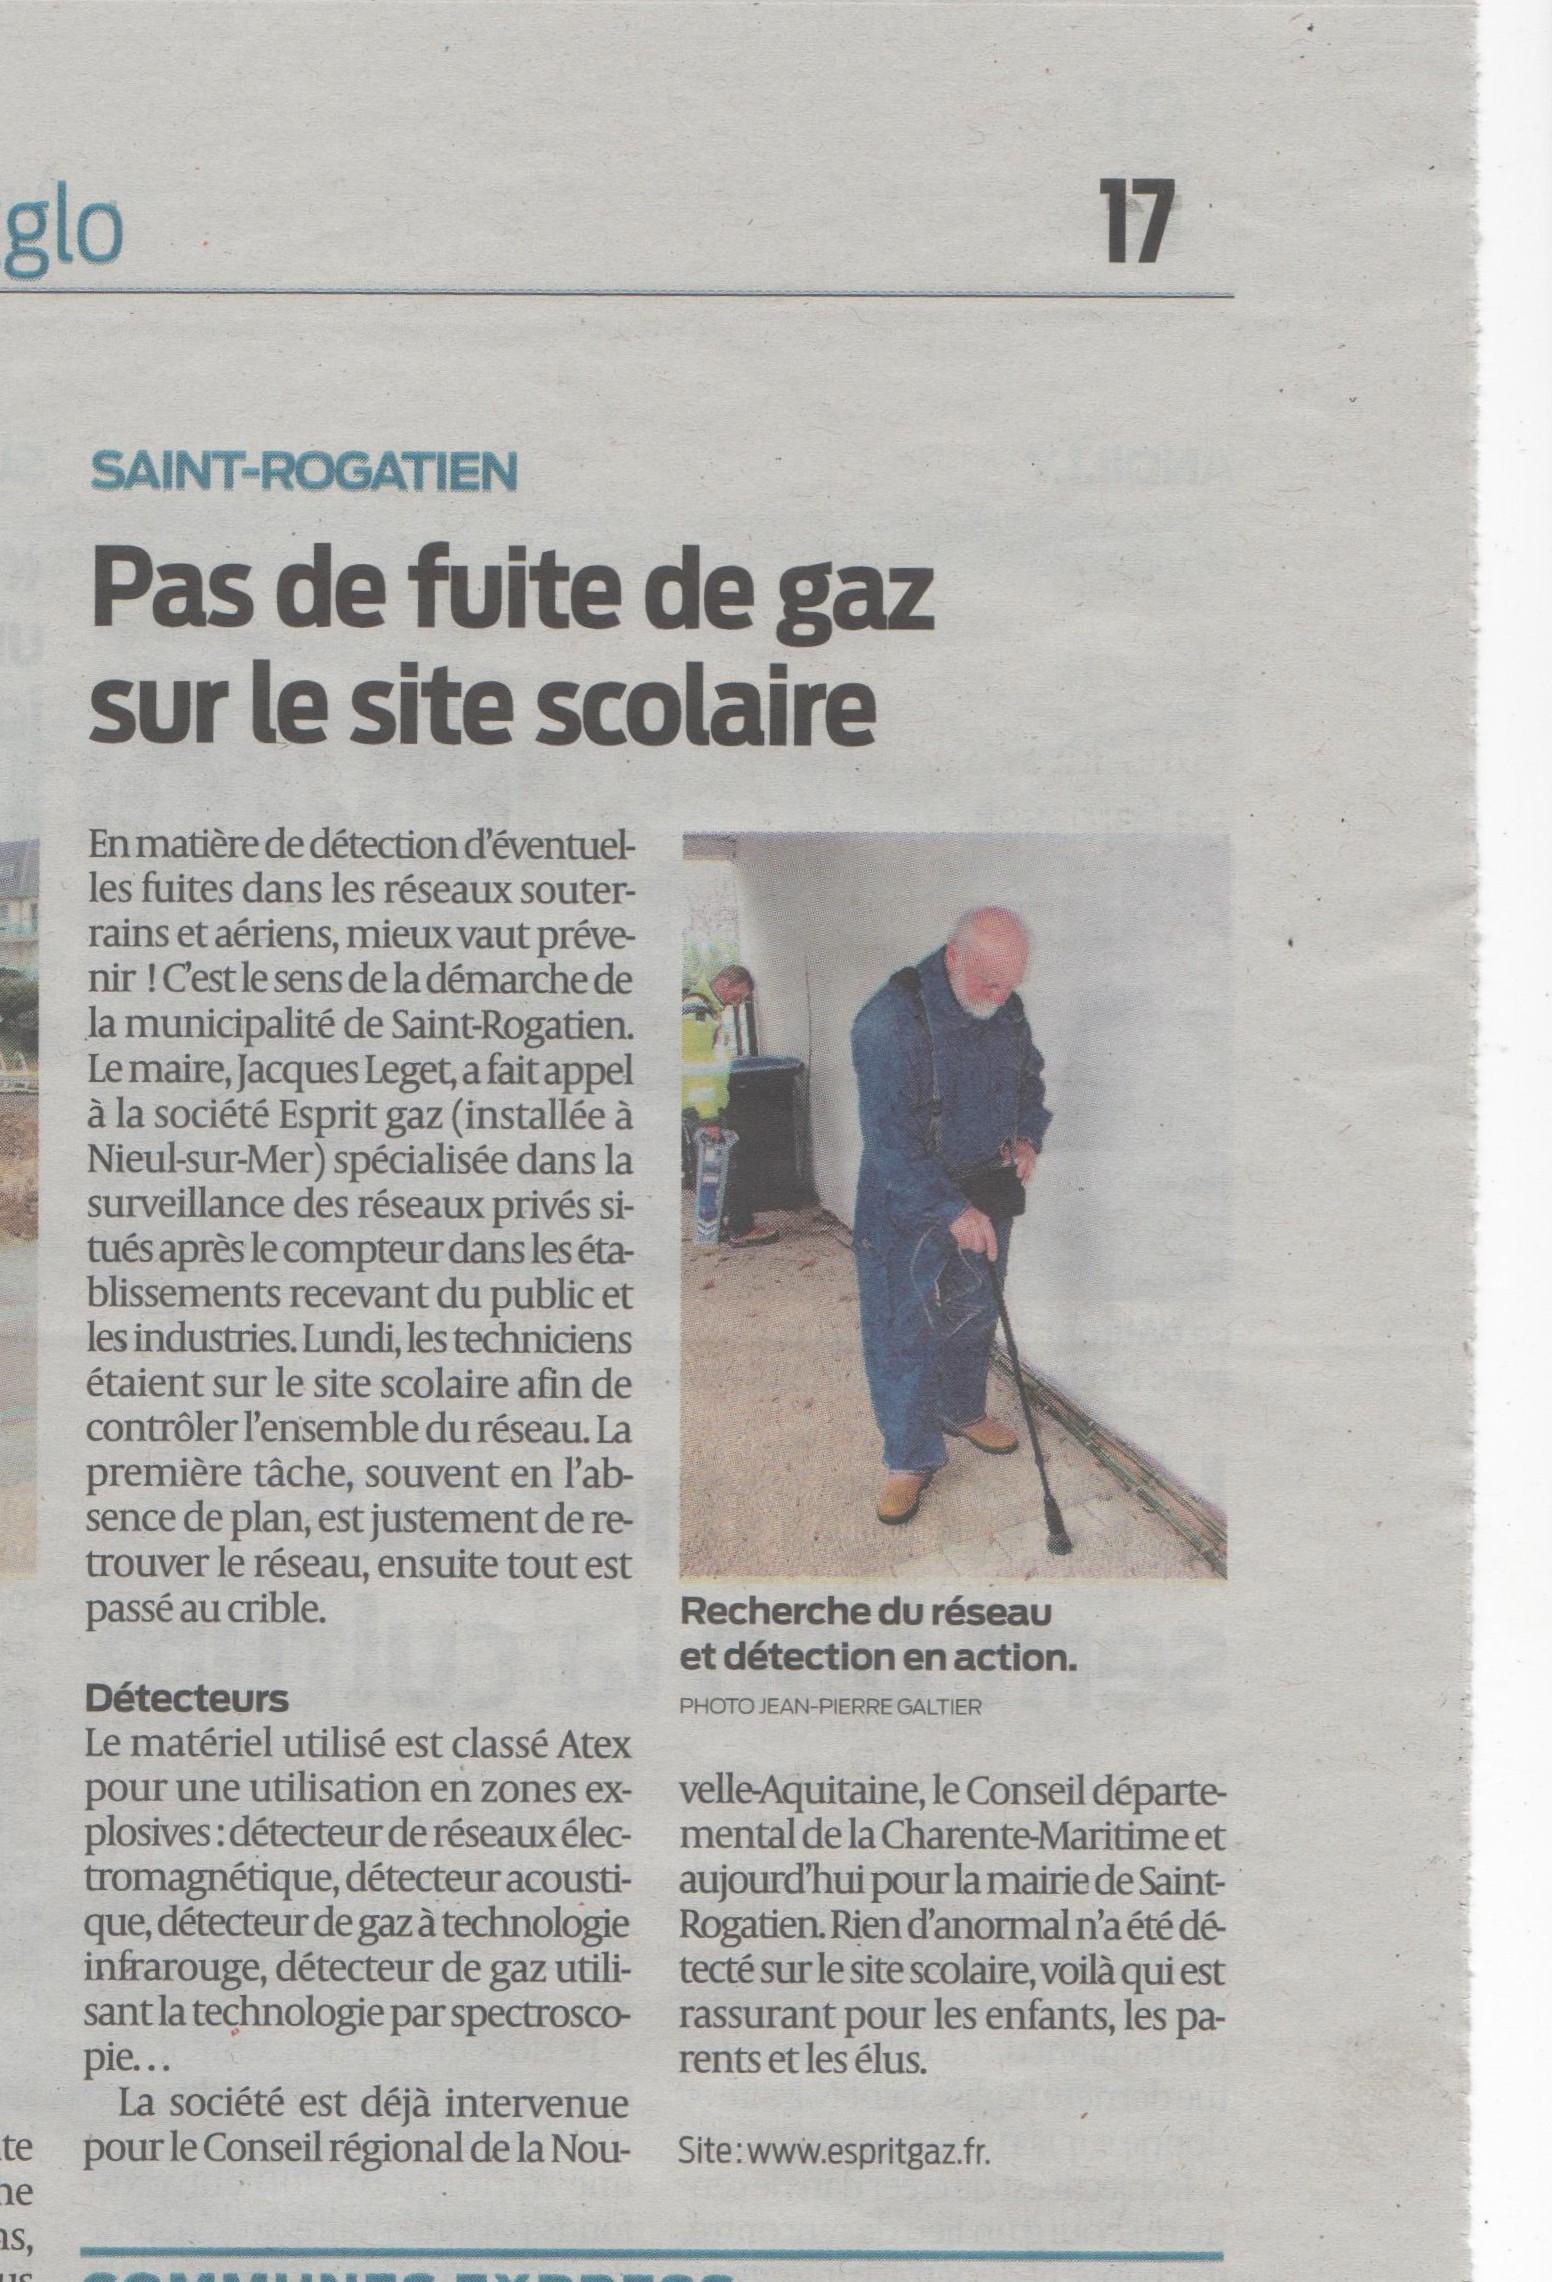 Article SUD-OUEST 22/02/2017 sur la recherche de réseau à Saint-Rogatien